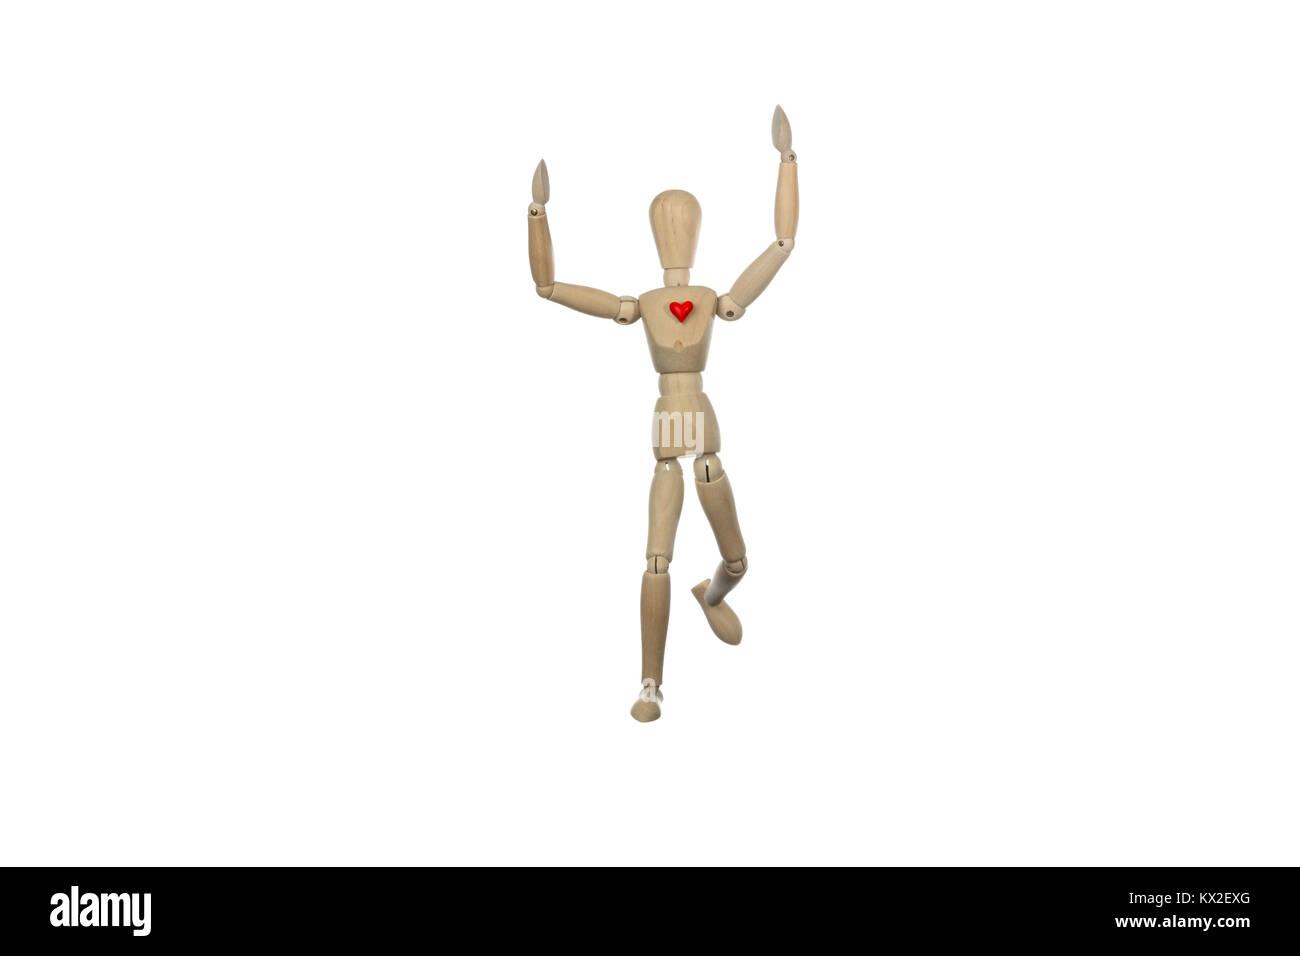 Hölzerne Puppe gewann ein Rennen mit einem roten Herzen, konzeptionelle Foto über gesunde Lebensweise üben einen Sport Stockfoto